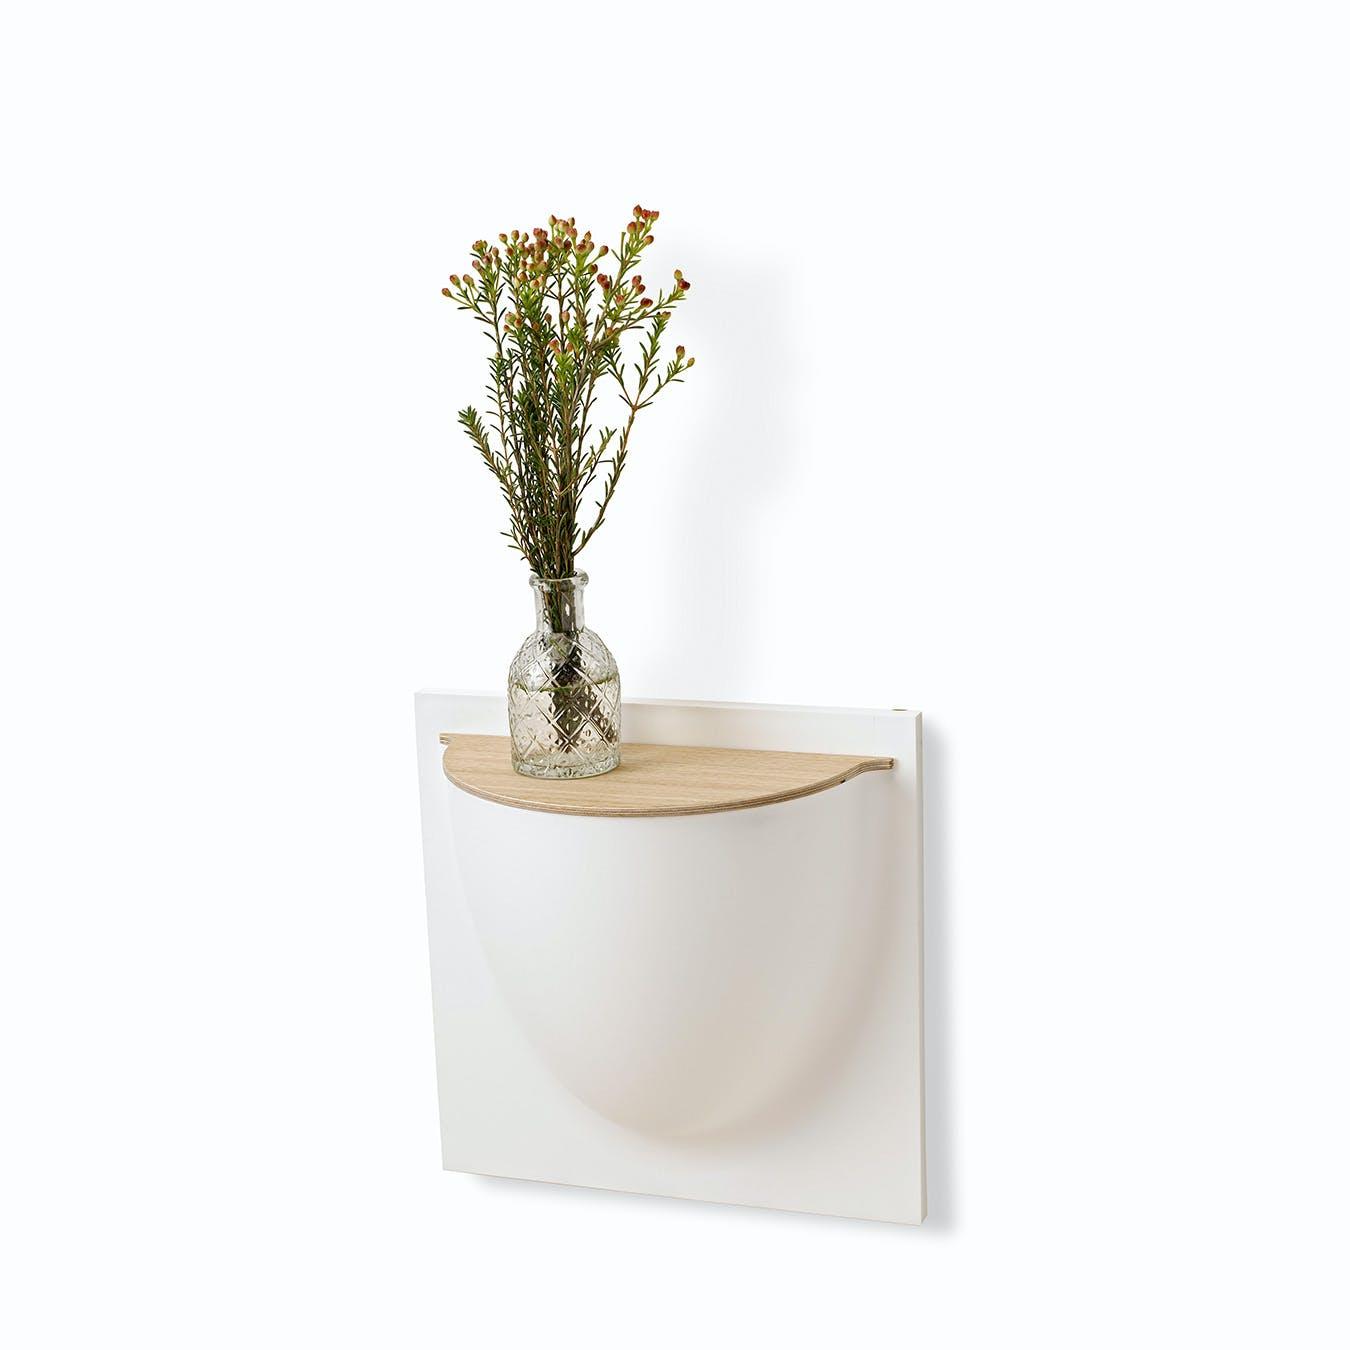 Wall Planter Lid in Oak